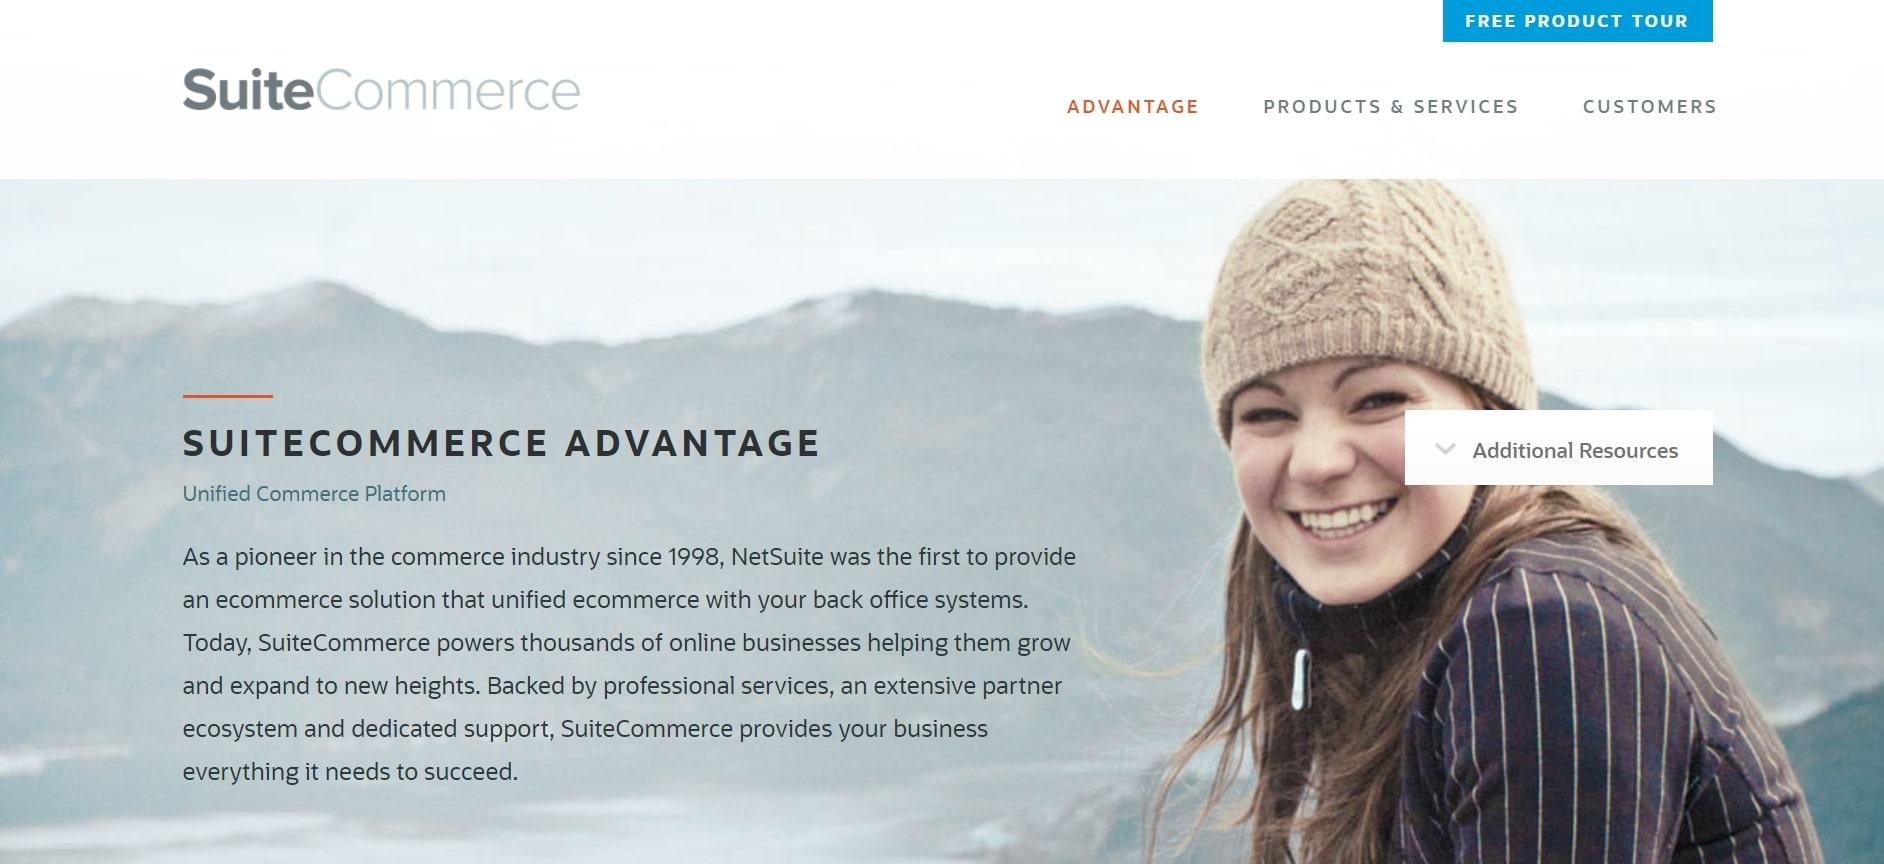 SuiteCommerce